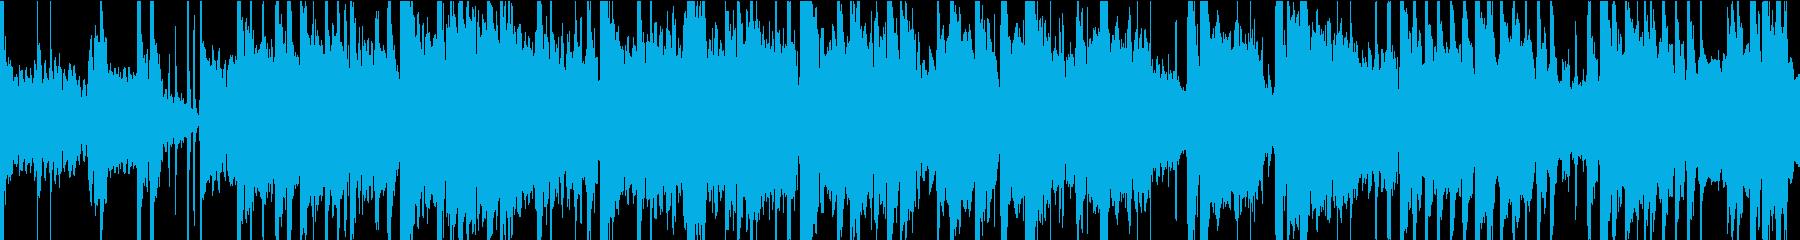 和楽器を用いたゆったりとした和風BGMの再生済みの波形